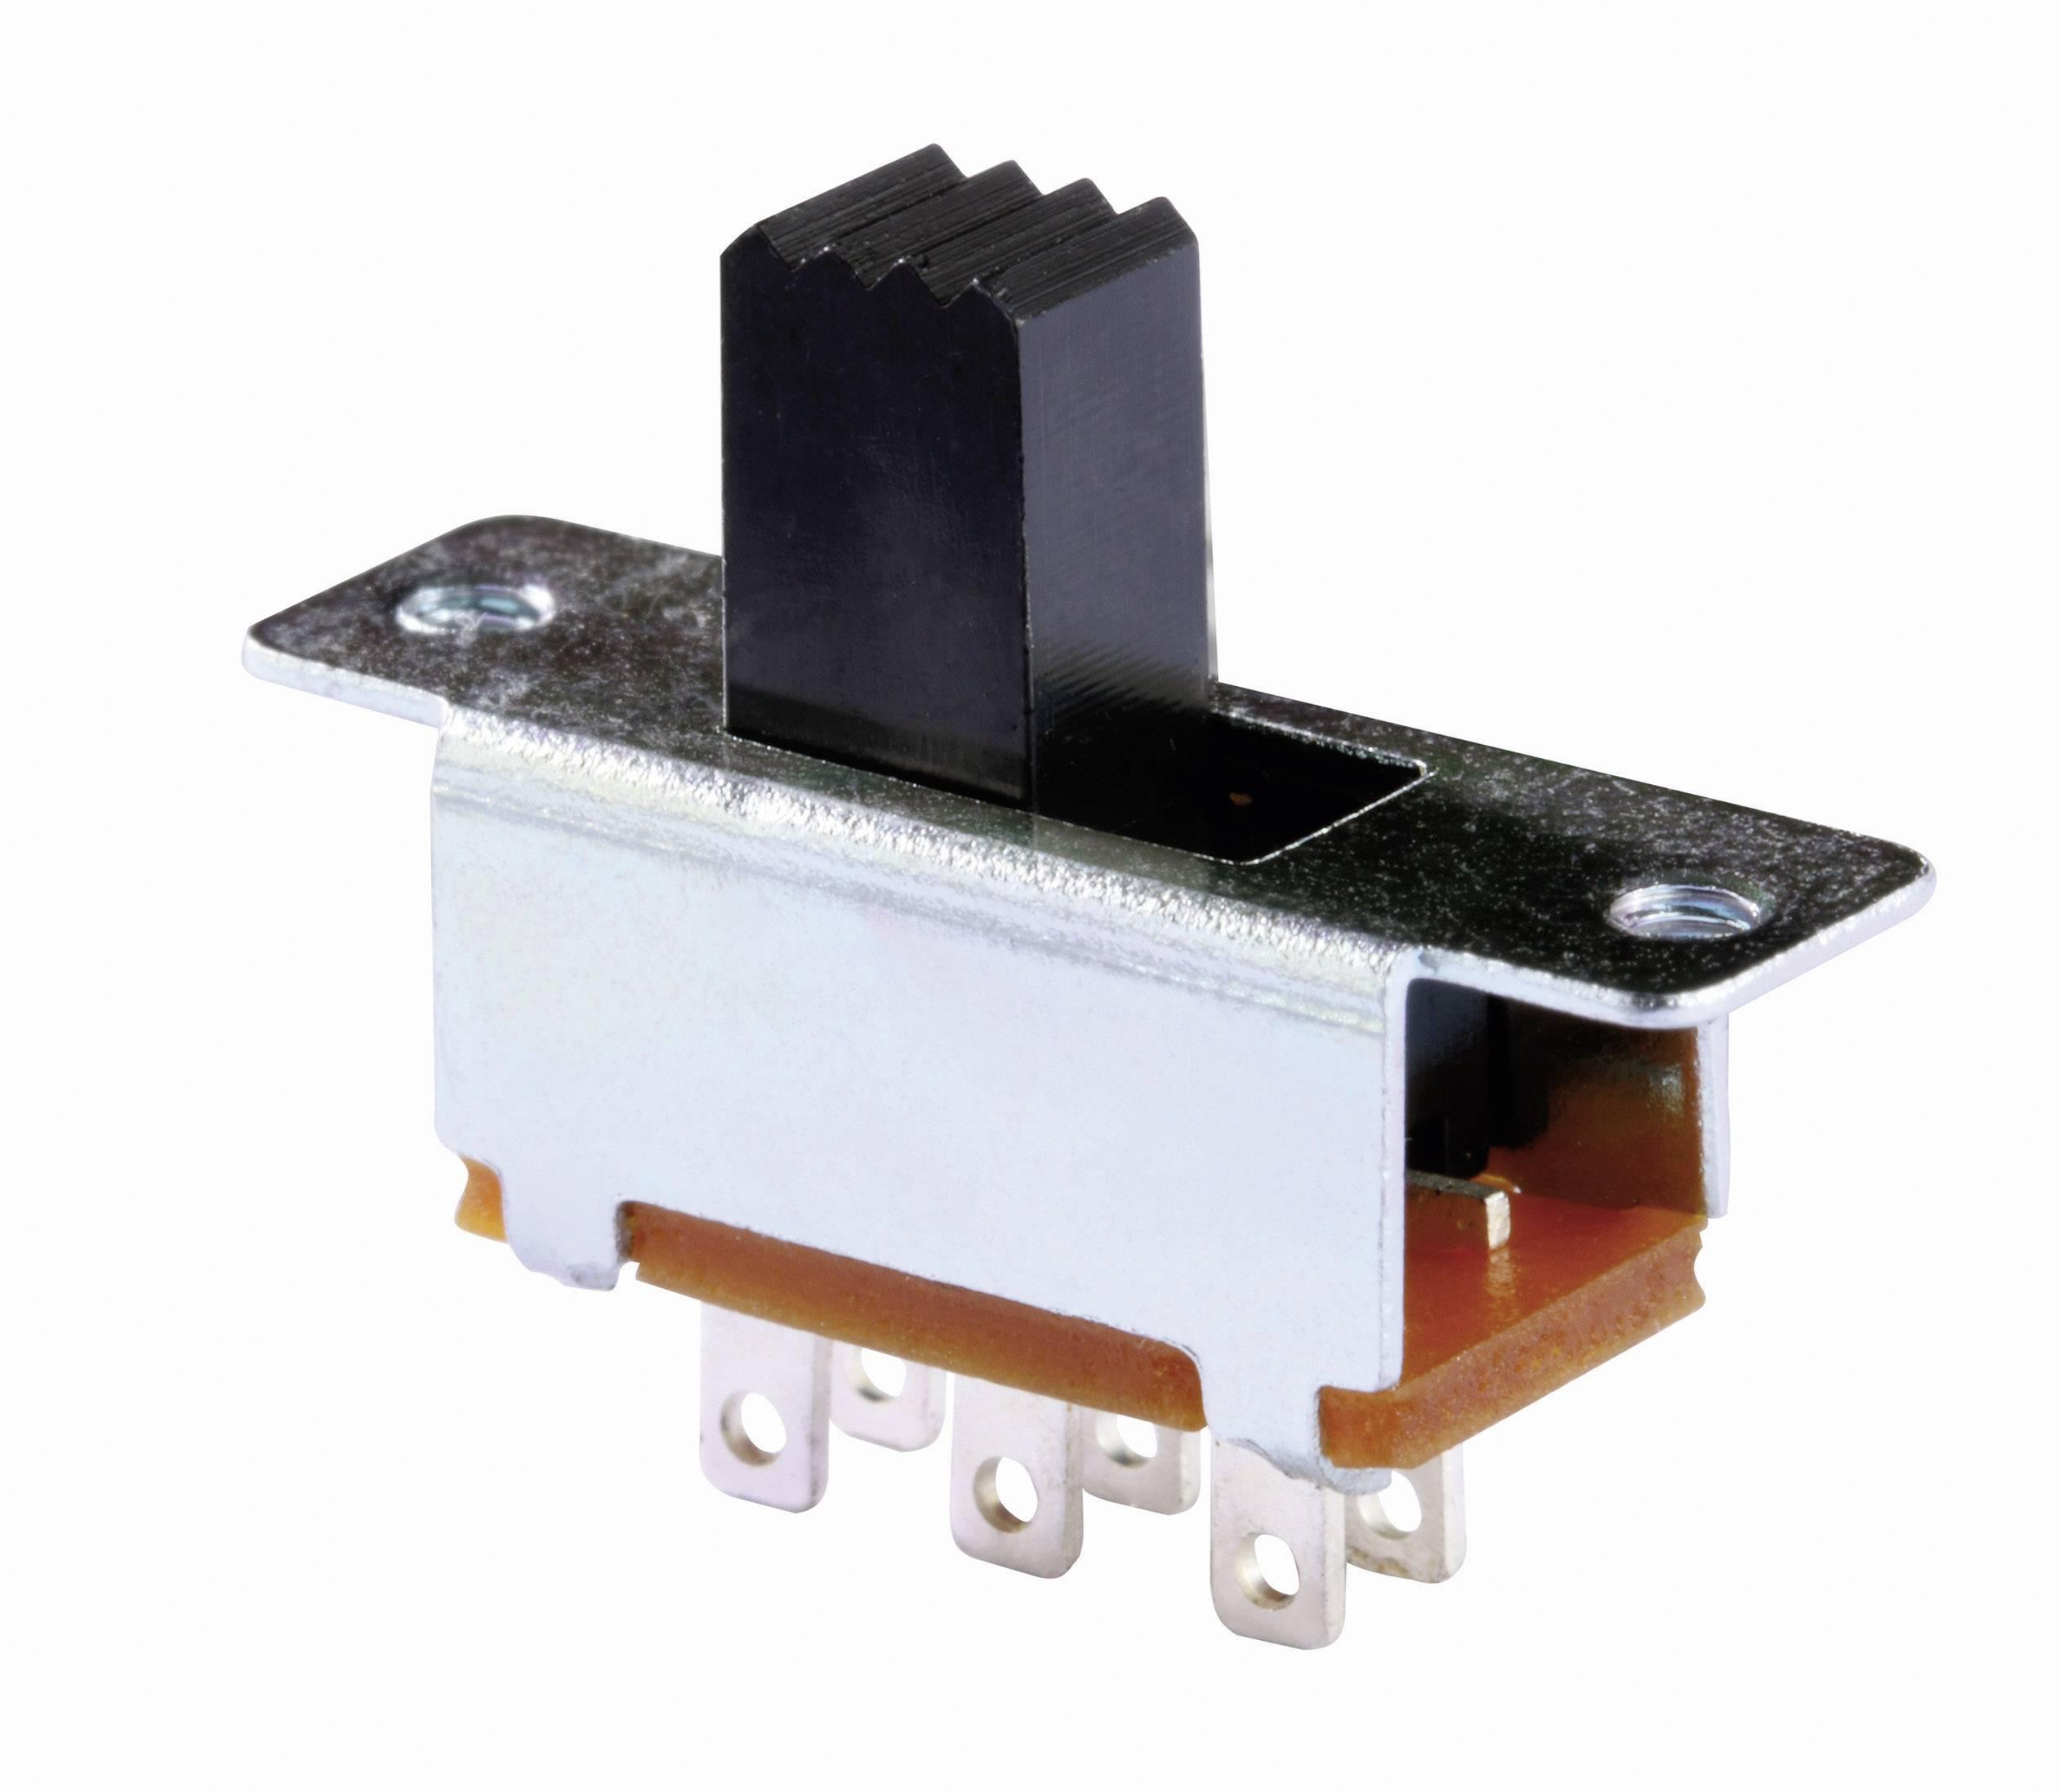 Posuvný přepínač Knitter-Switch MFS 201N SW, 30 V/DC, 0.35 A, 2x zap/zap, 1 ks